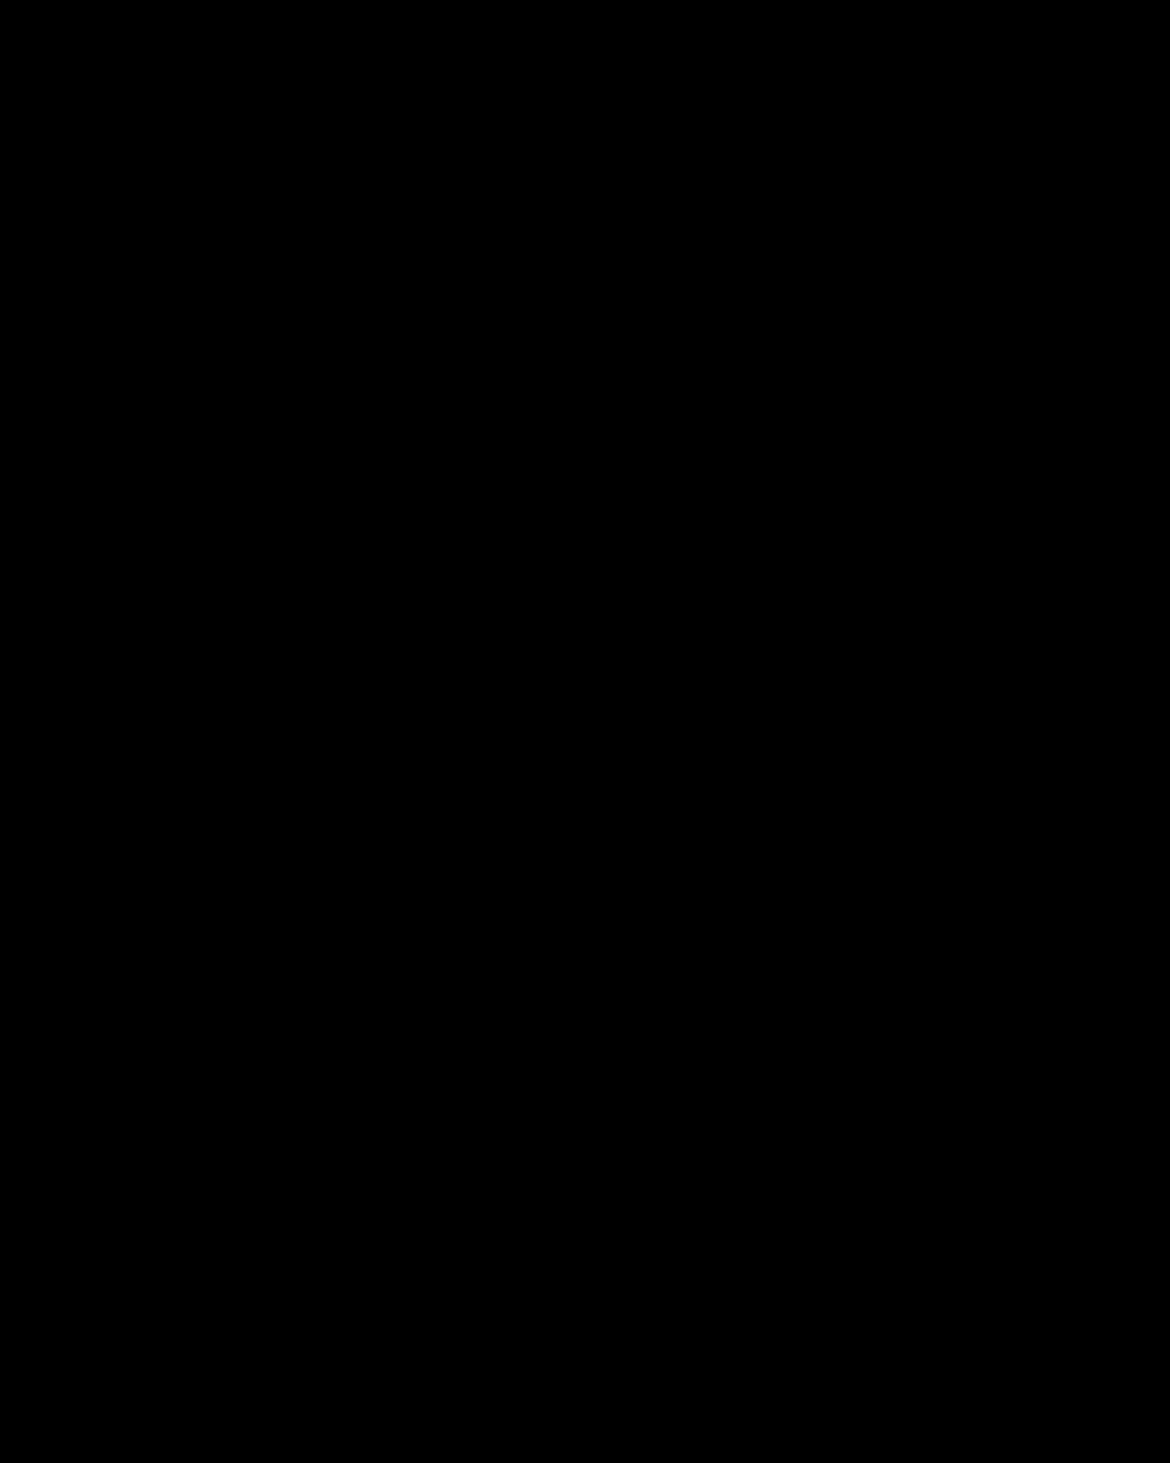 3 giorni a Taormina: cosa vedere, dove dormire e mangiare by Laura Comolli - Belmond Villa Sant'Andrea pranzo